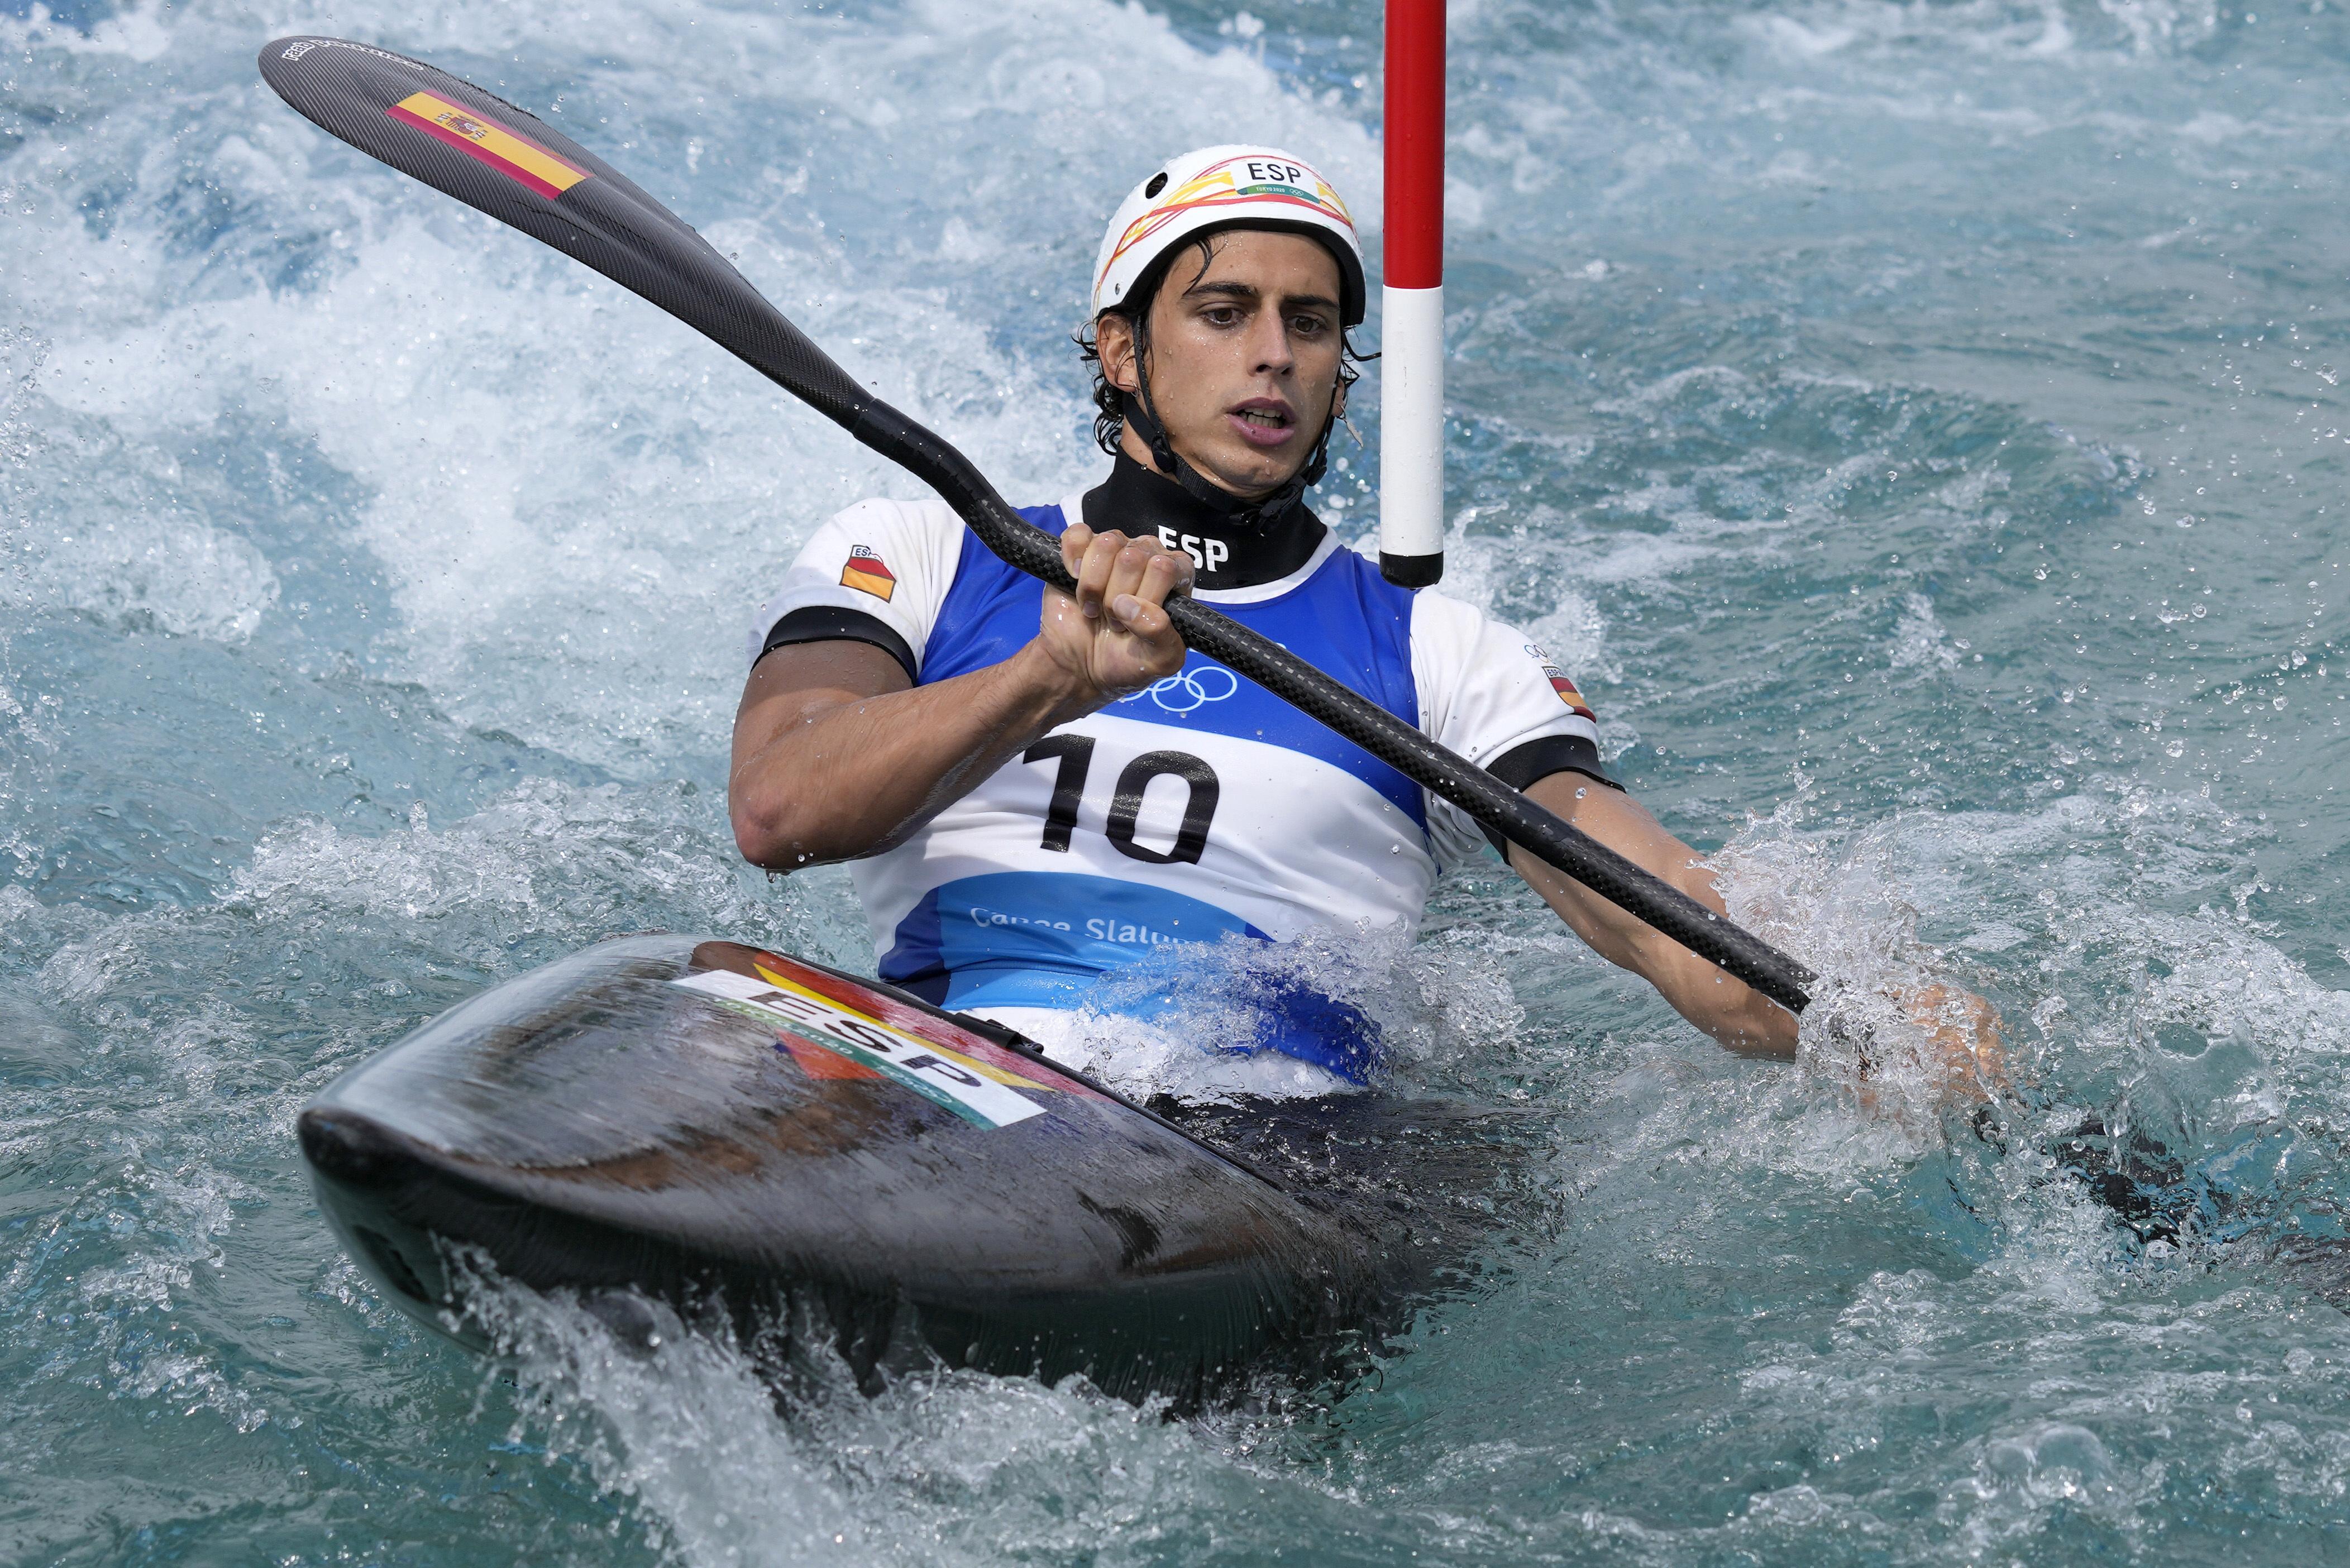 スペインのカヌー代表ダビド・リョレンテが納豆に挑戦している【写真:AP】